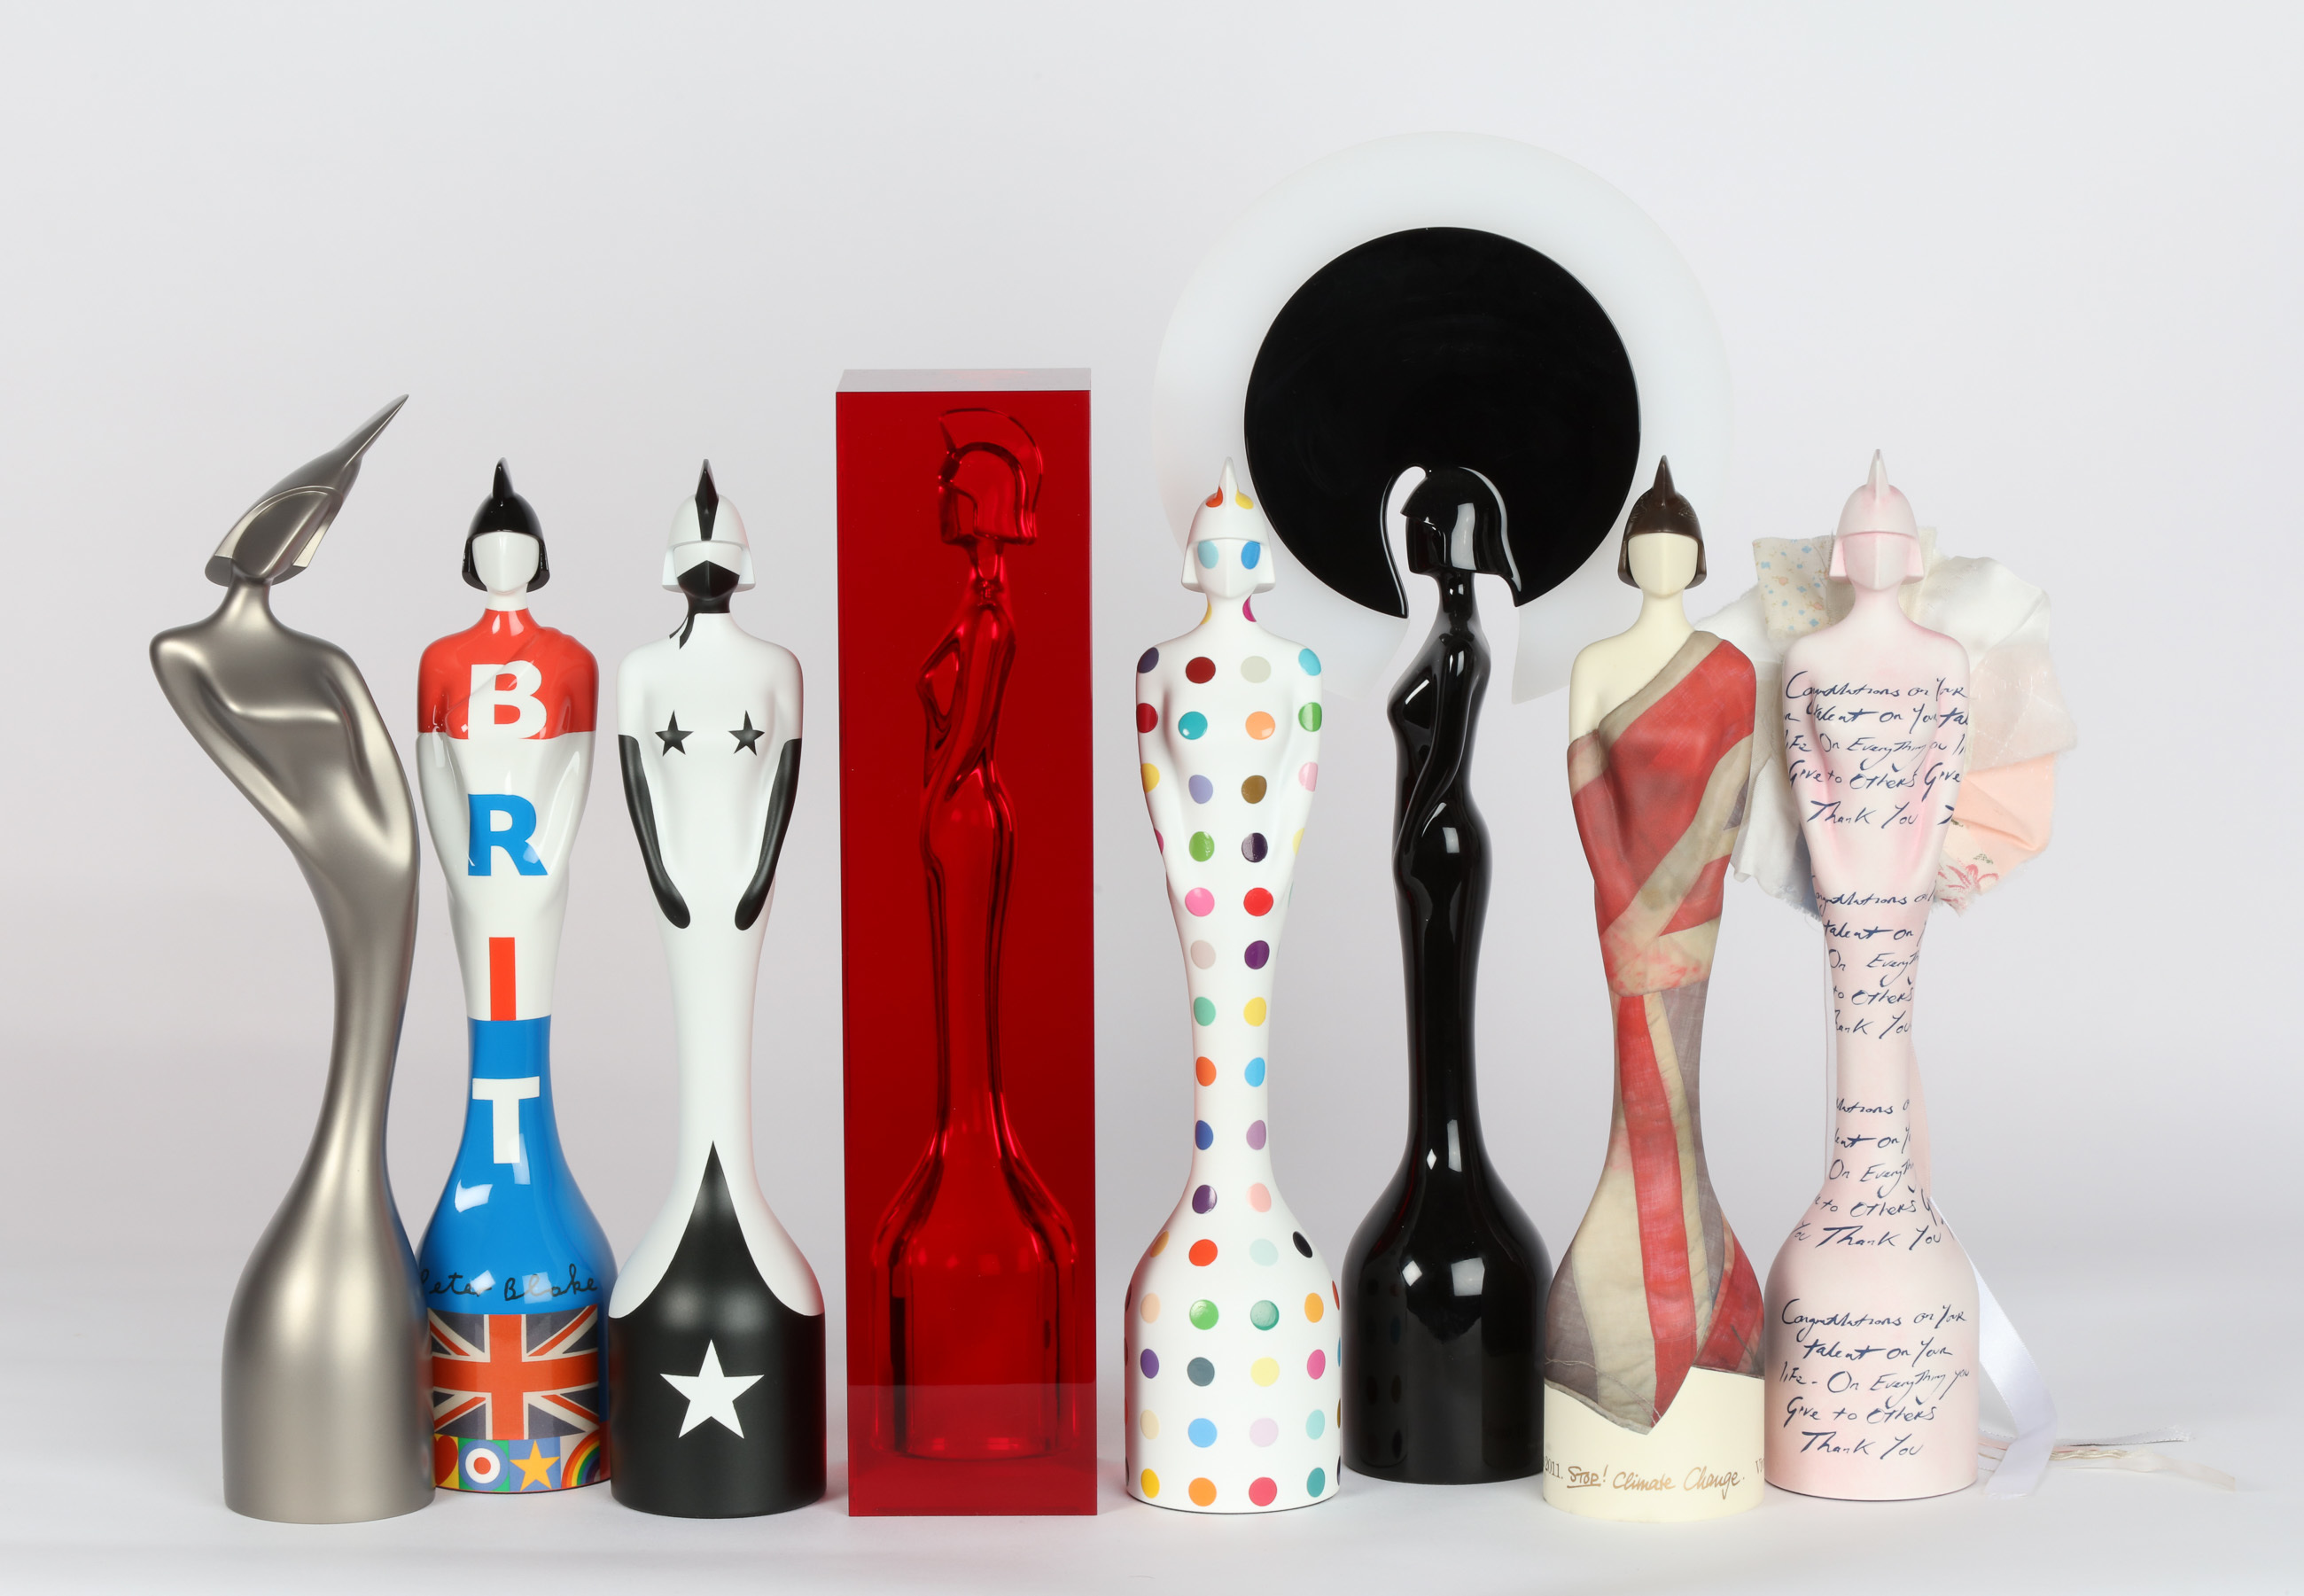 جایزه موسیقی بریت به تعویق افتاد